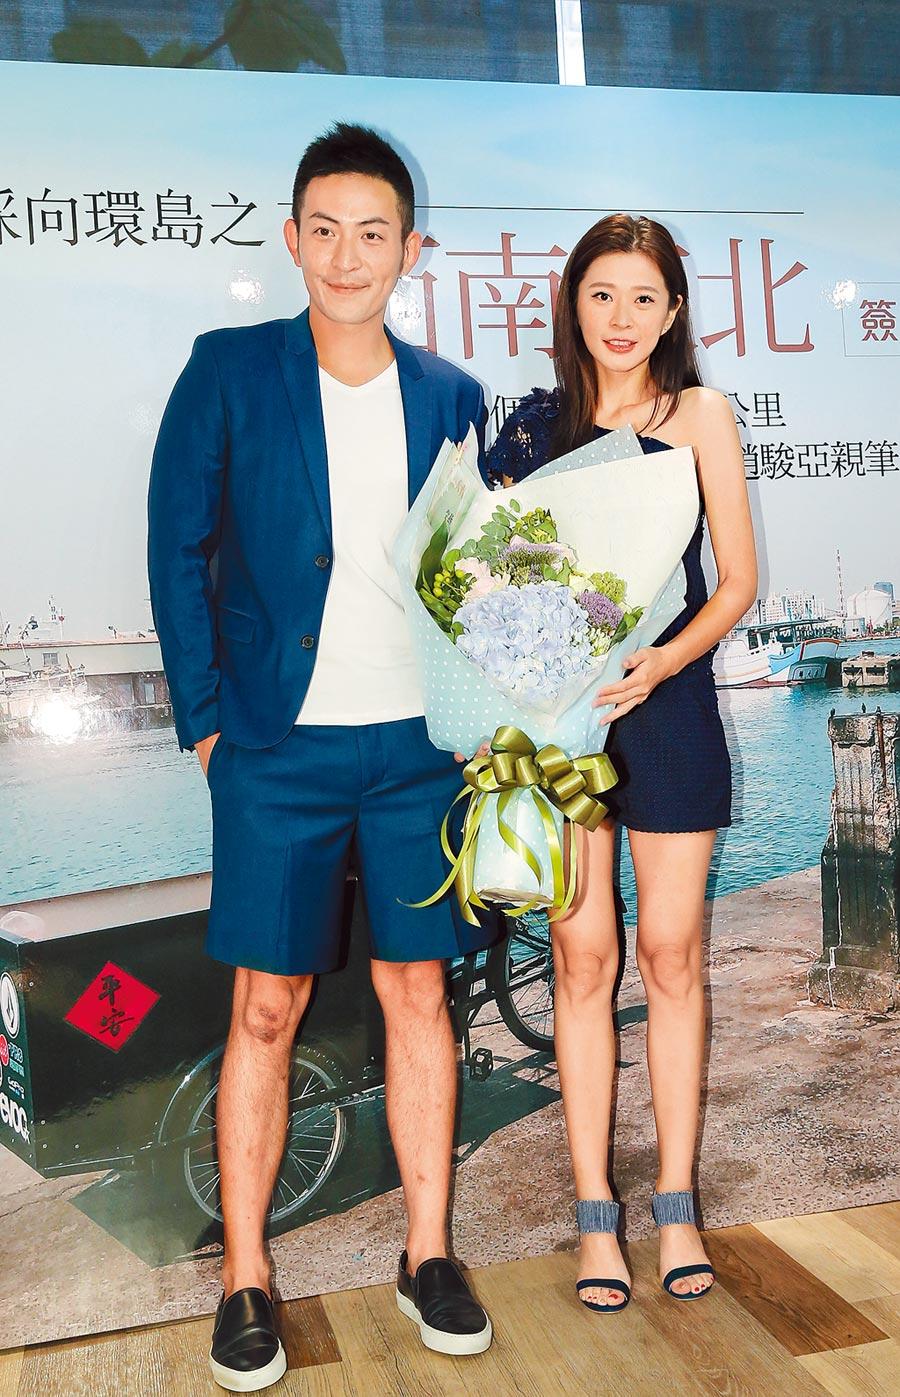 趙駿亞(左)去年8月出書,李燕曾站台,如今情逝。(資料照片)